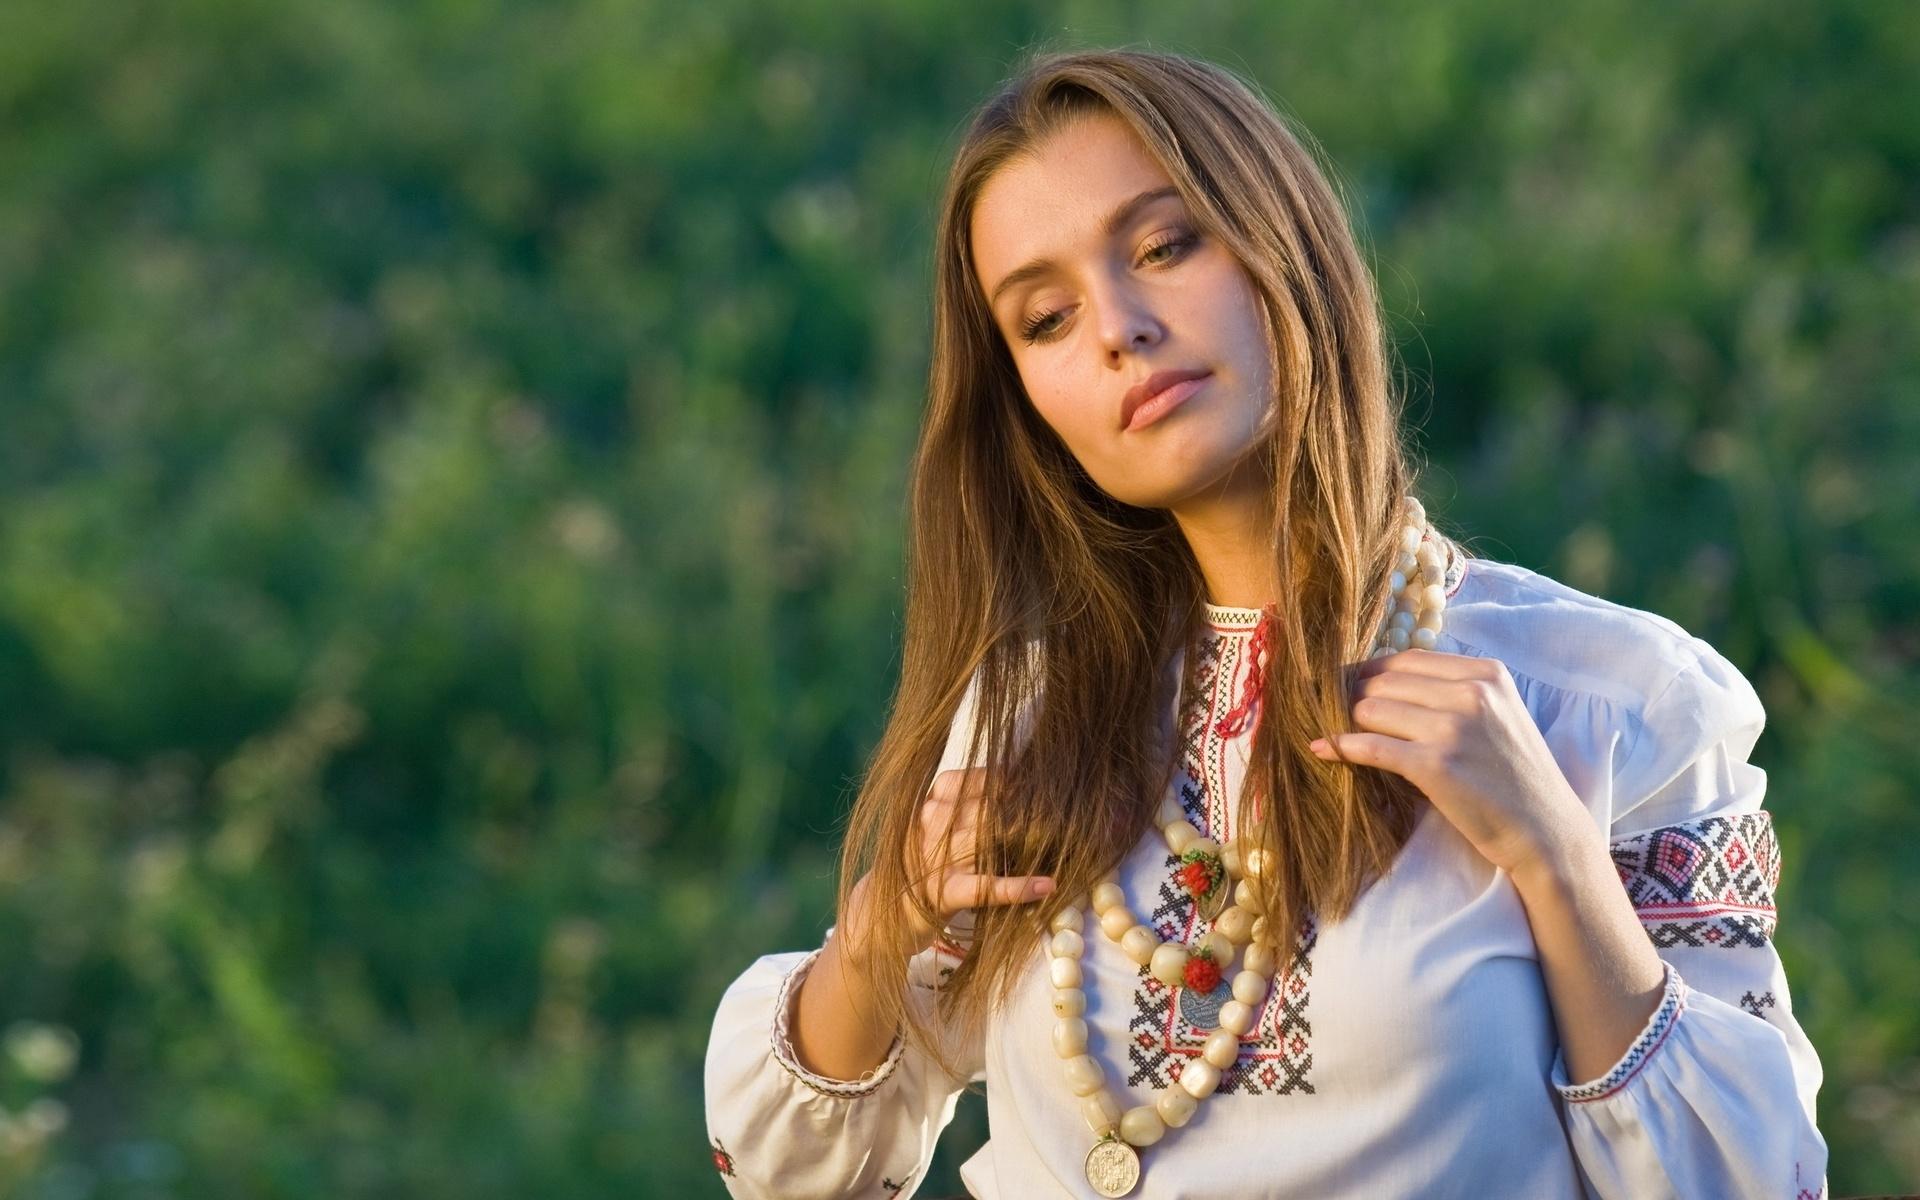 двух картинки прекрасных молодых русских женщин блядь отлично хуесосит